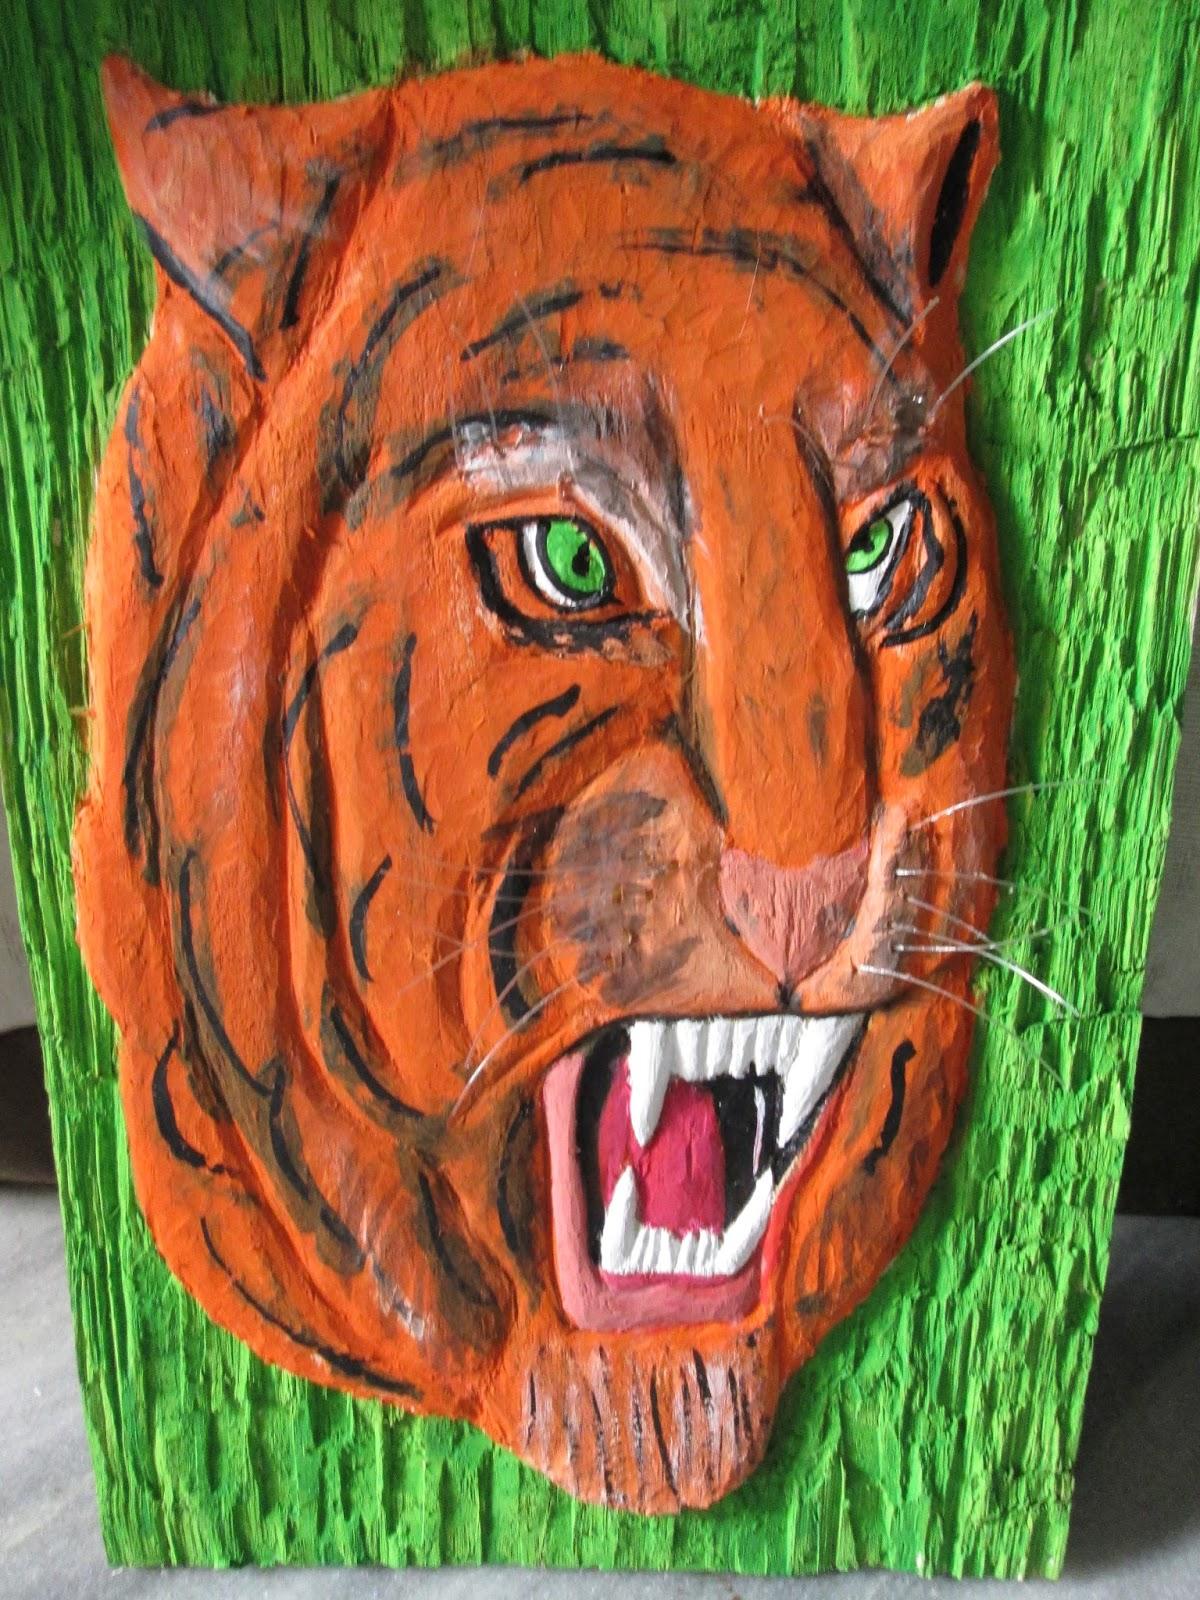 Artes da Sol: Quadros em madeira reciclada #AB4420 1200x1600